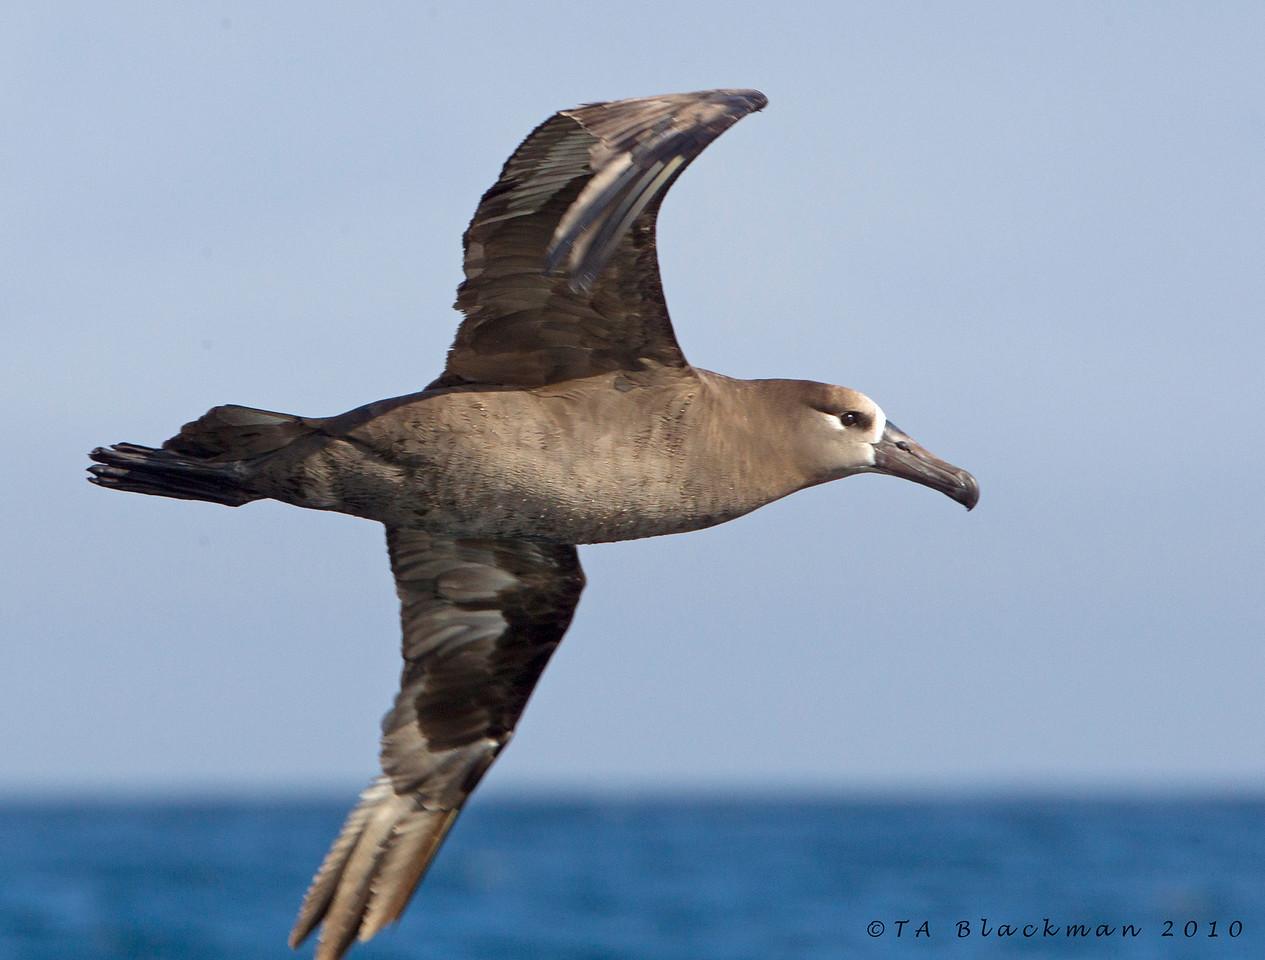 Albatross_Black-footed TAB10MK4-20637